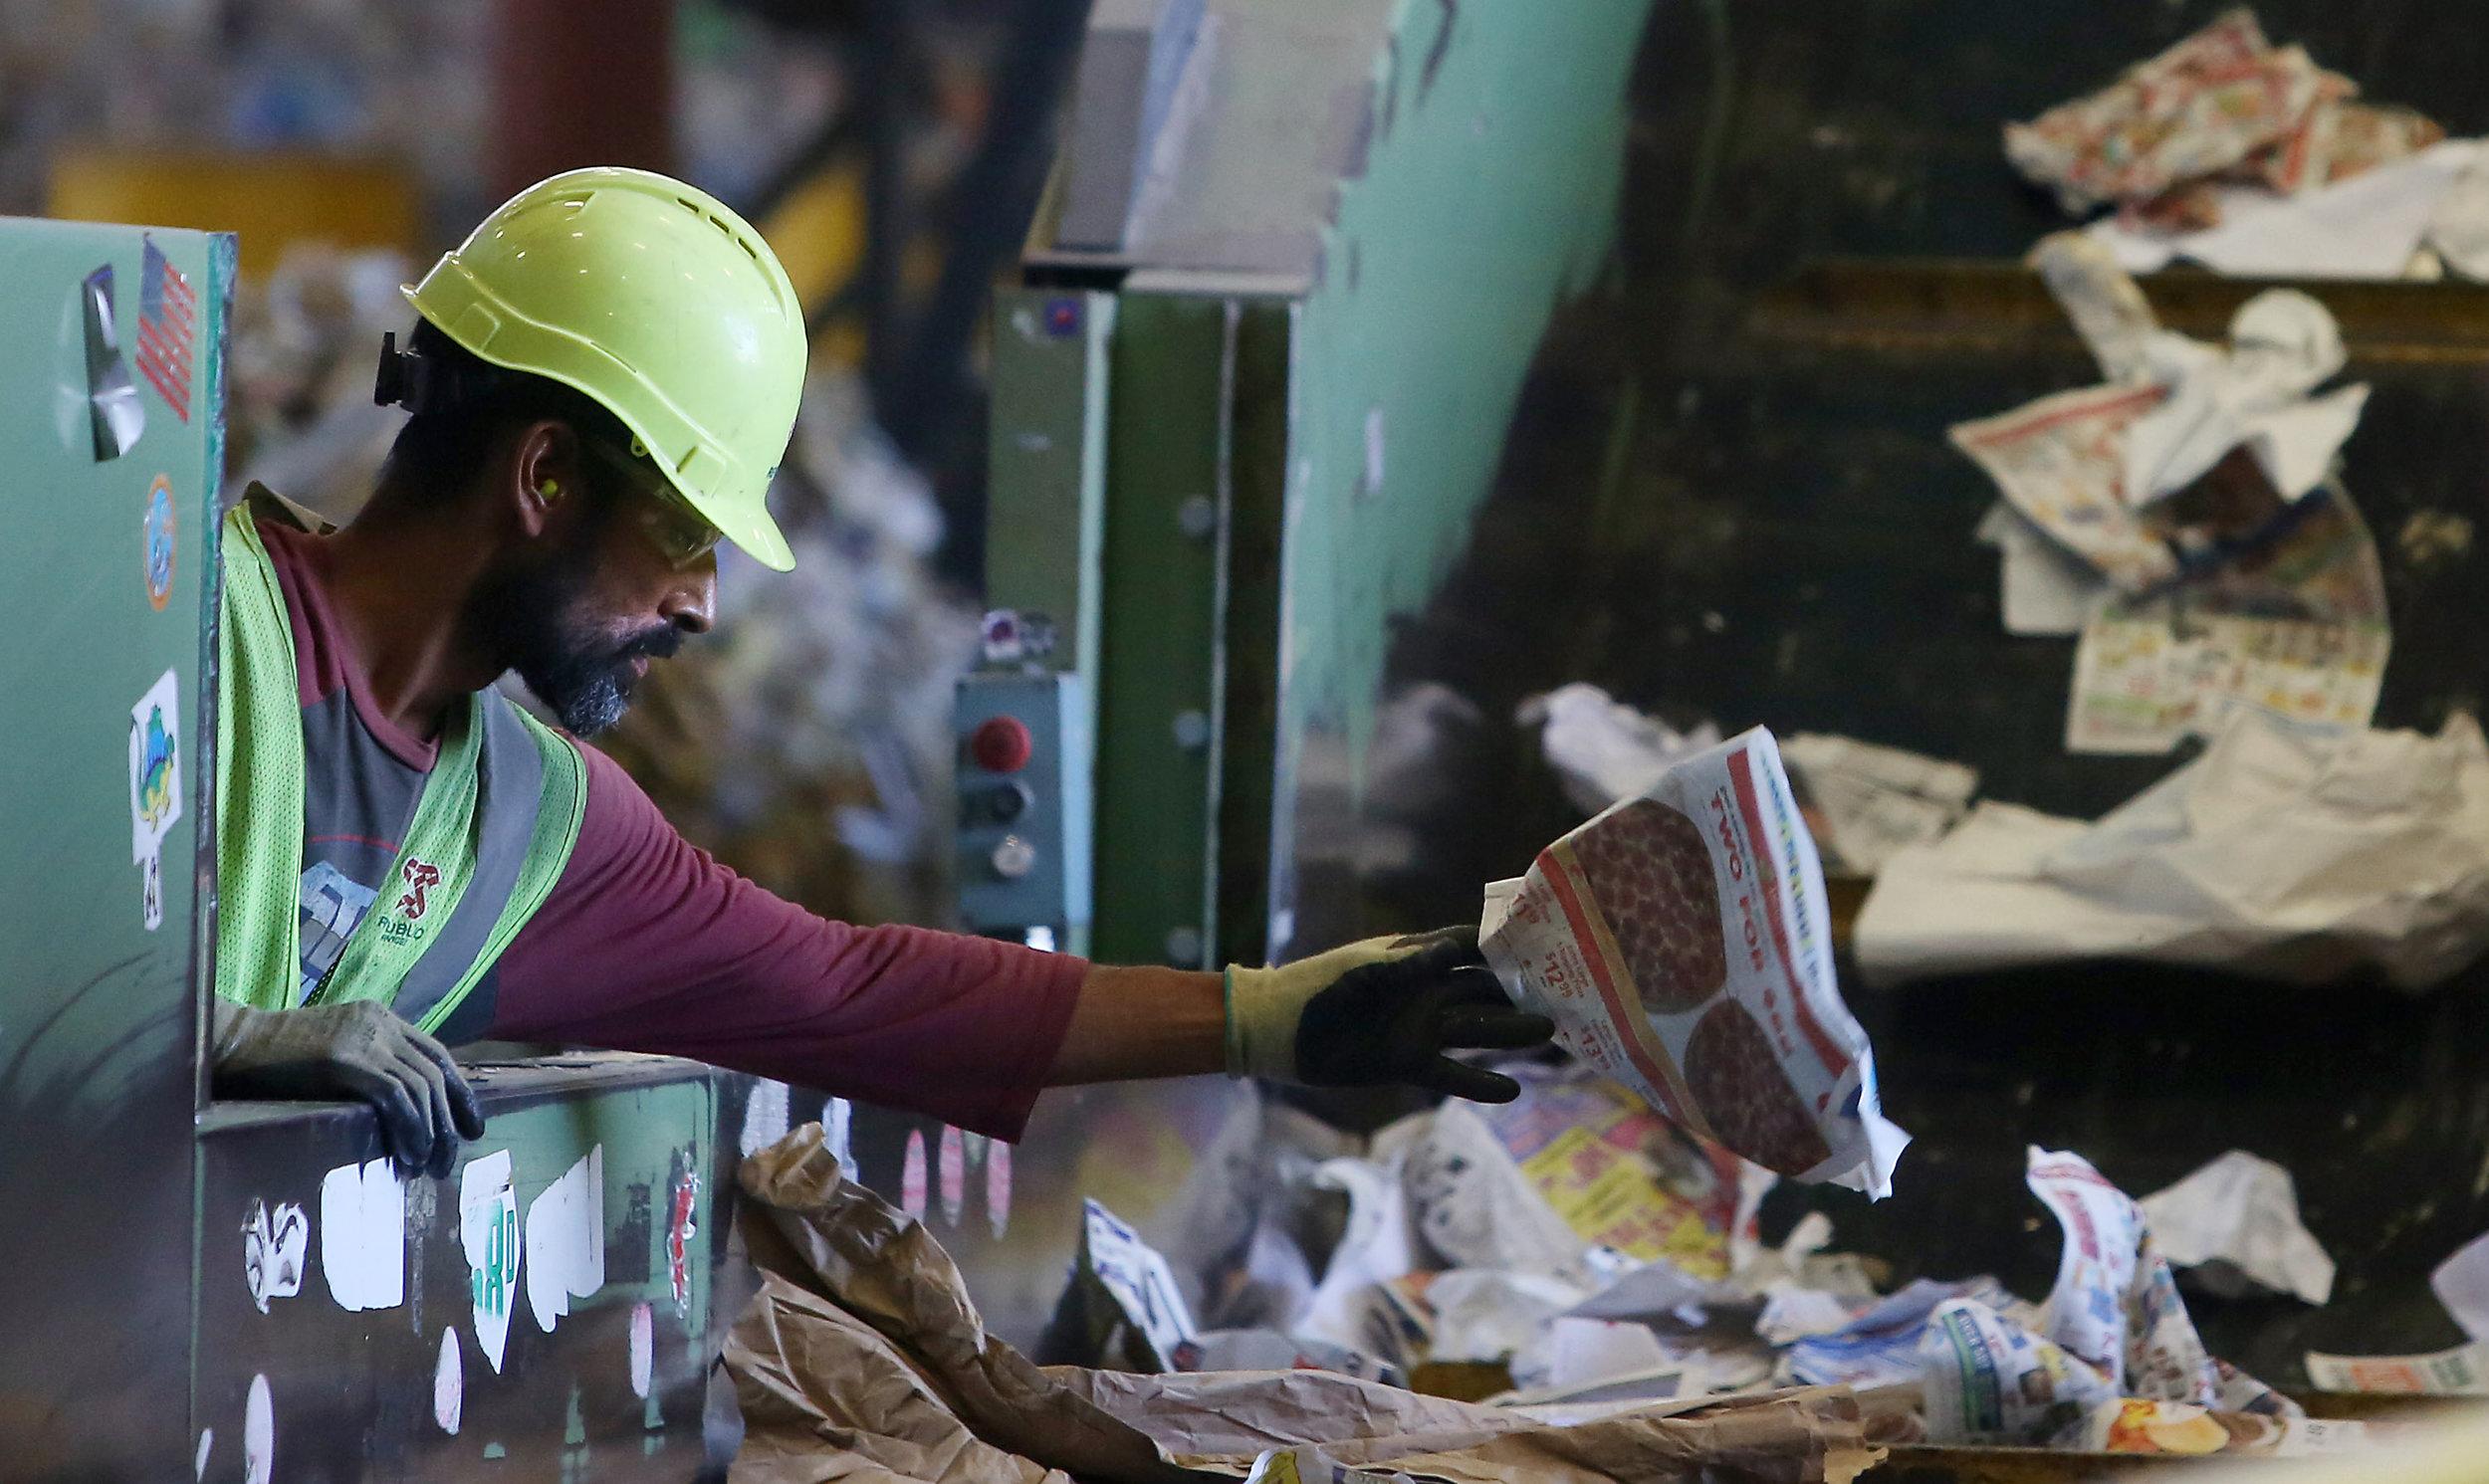 072918-news-recycling-p8.jpg